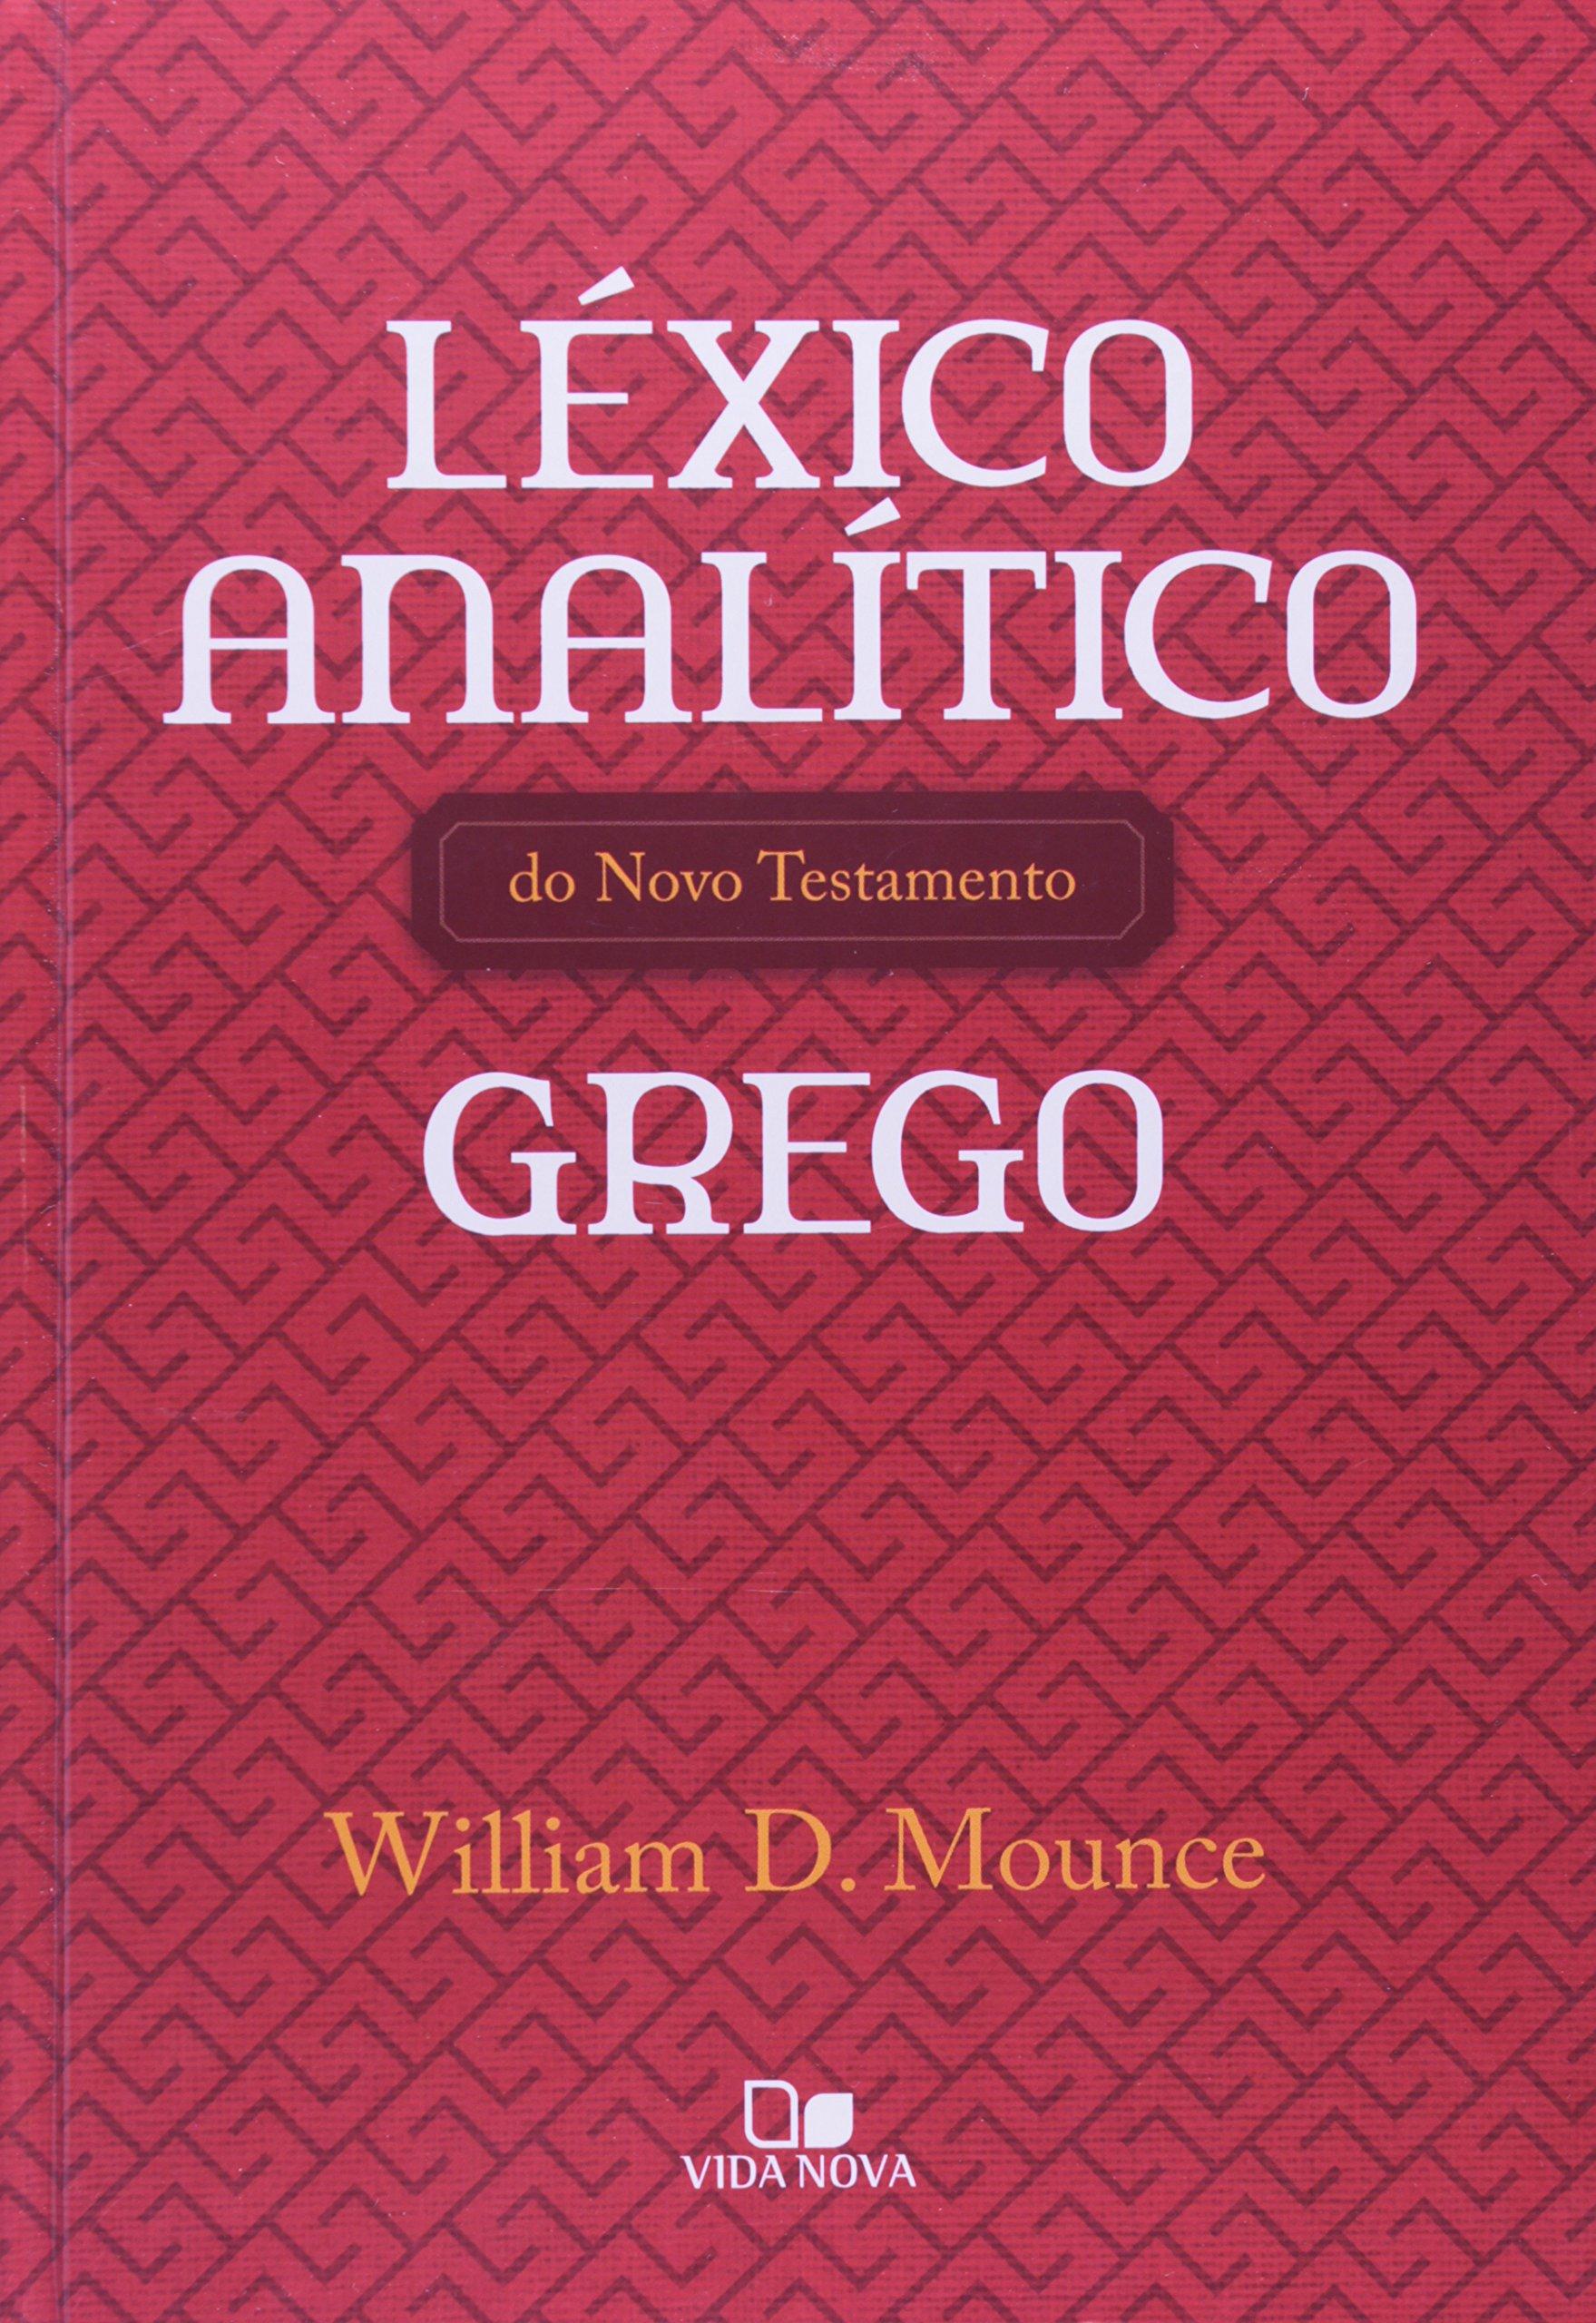 lexico grego portugues